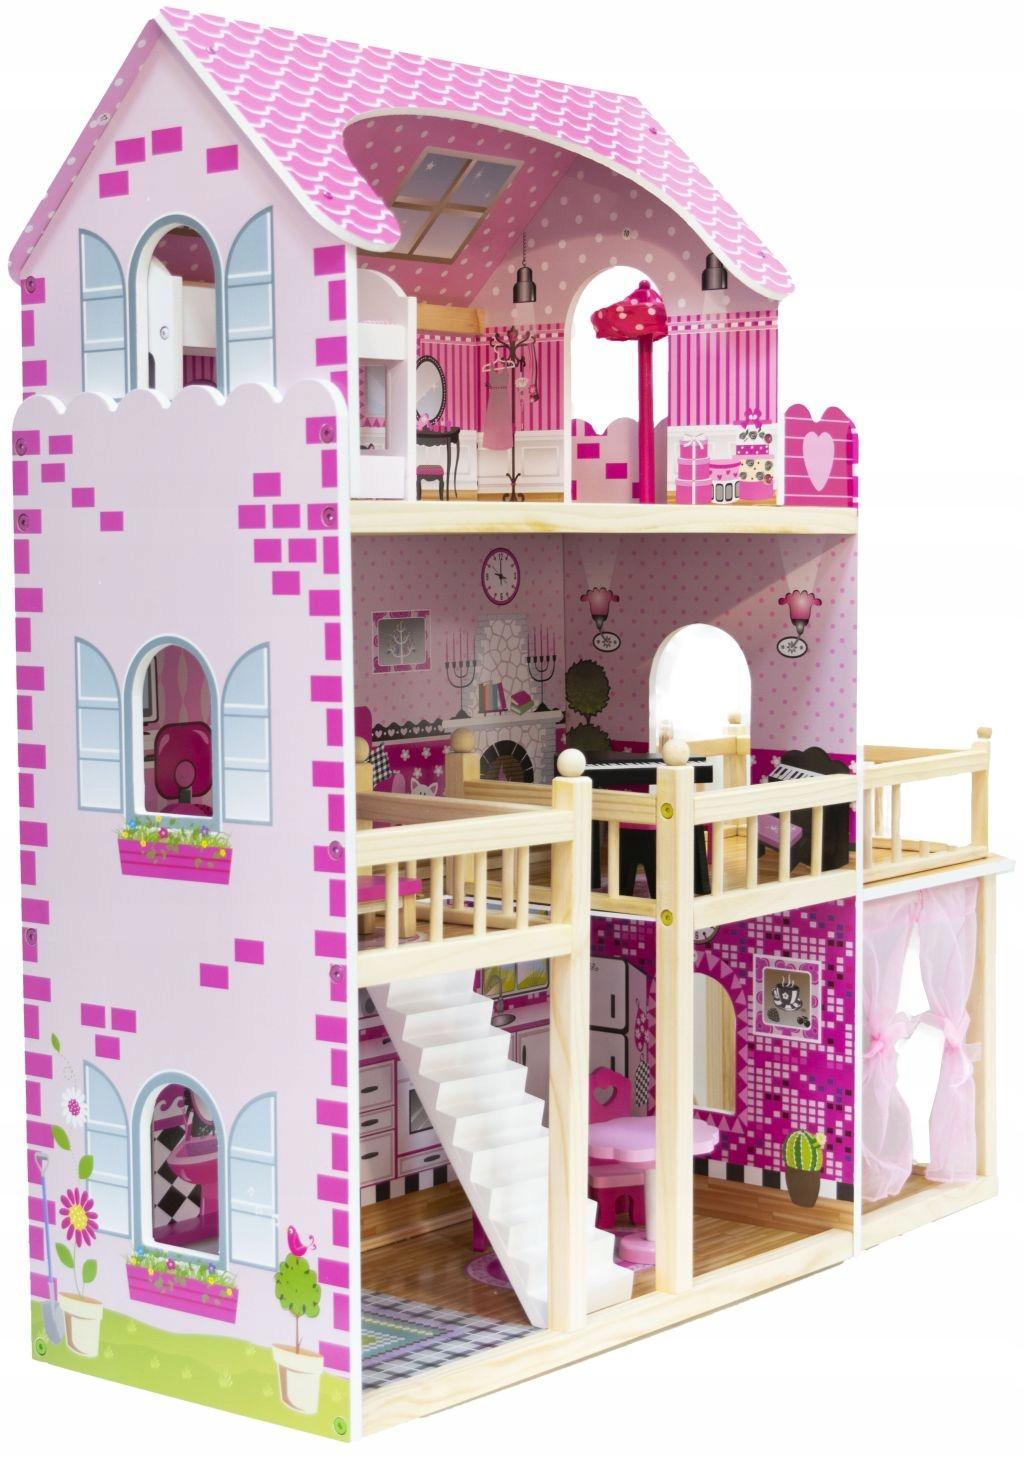 Domček NADIA s terasou a altánkom pre bábiky LOL